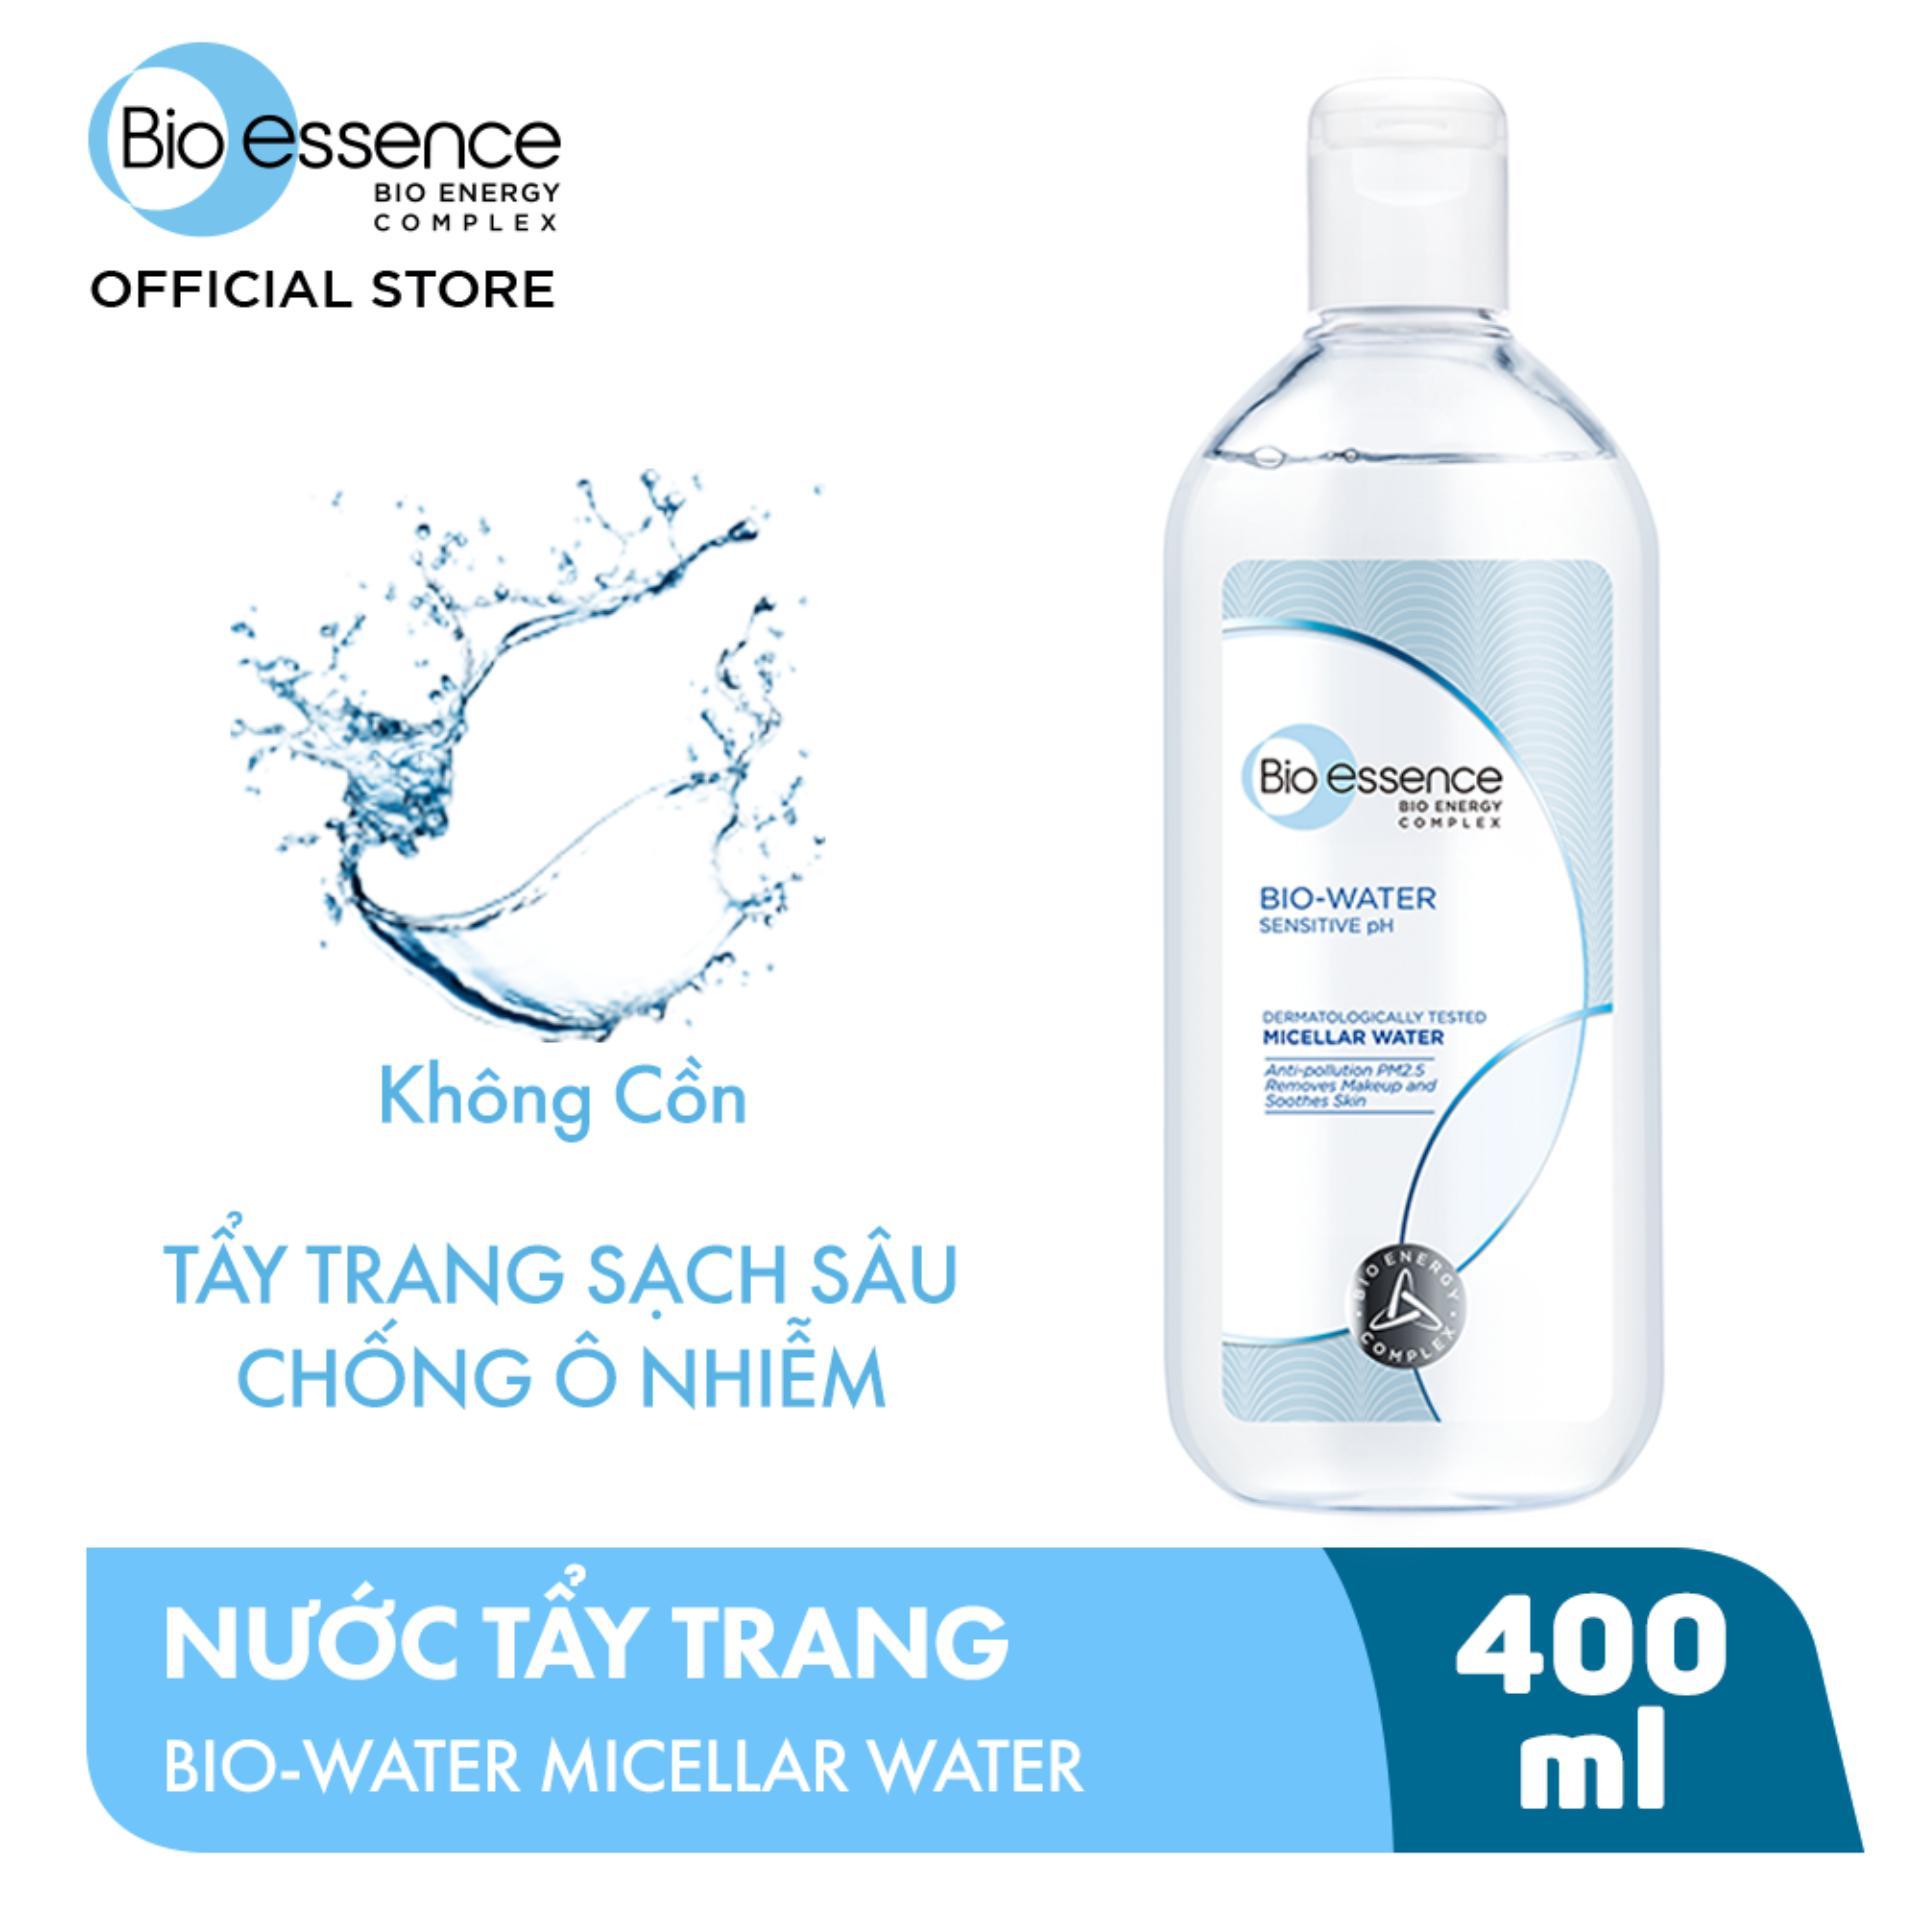 NƯỚC TẨY TRANG ẨM MƯỢT MỊN MÀNG BIO-ESSENCE BIO-WATER MICELLAR WATER  400ML